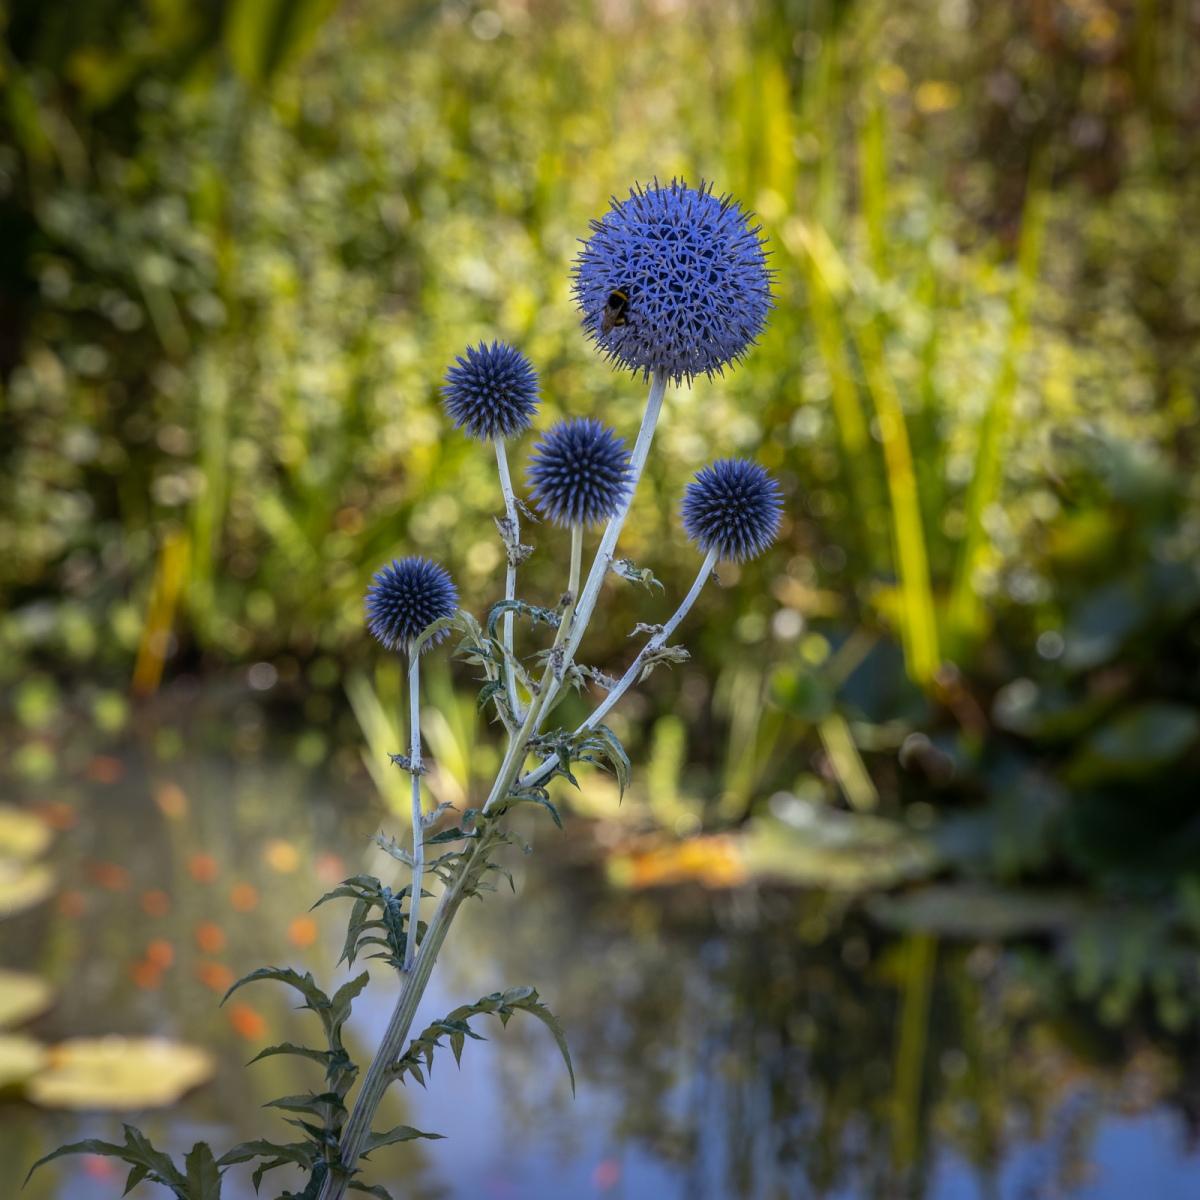 Blue-Southern-Globe-Thistle_by_Robert-Bilton